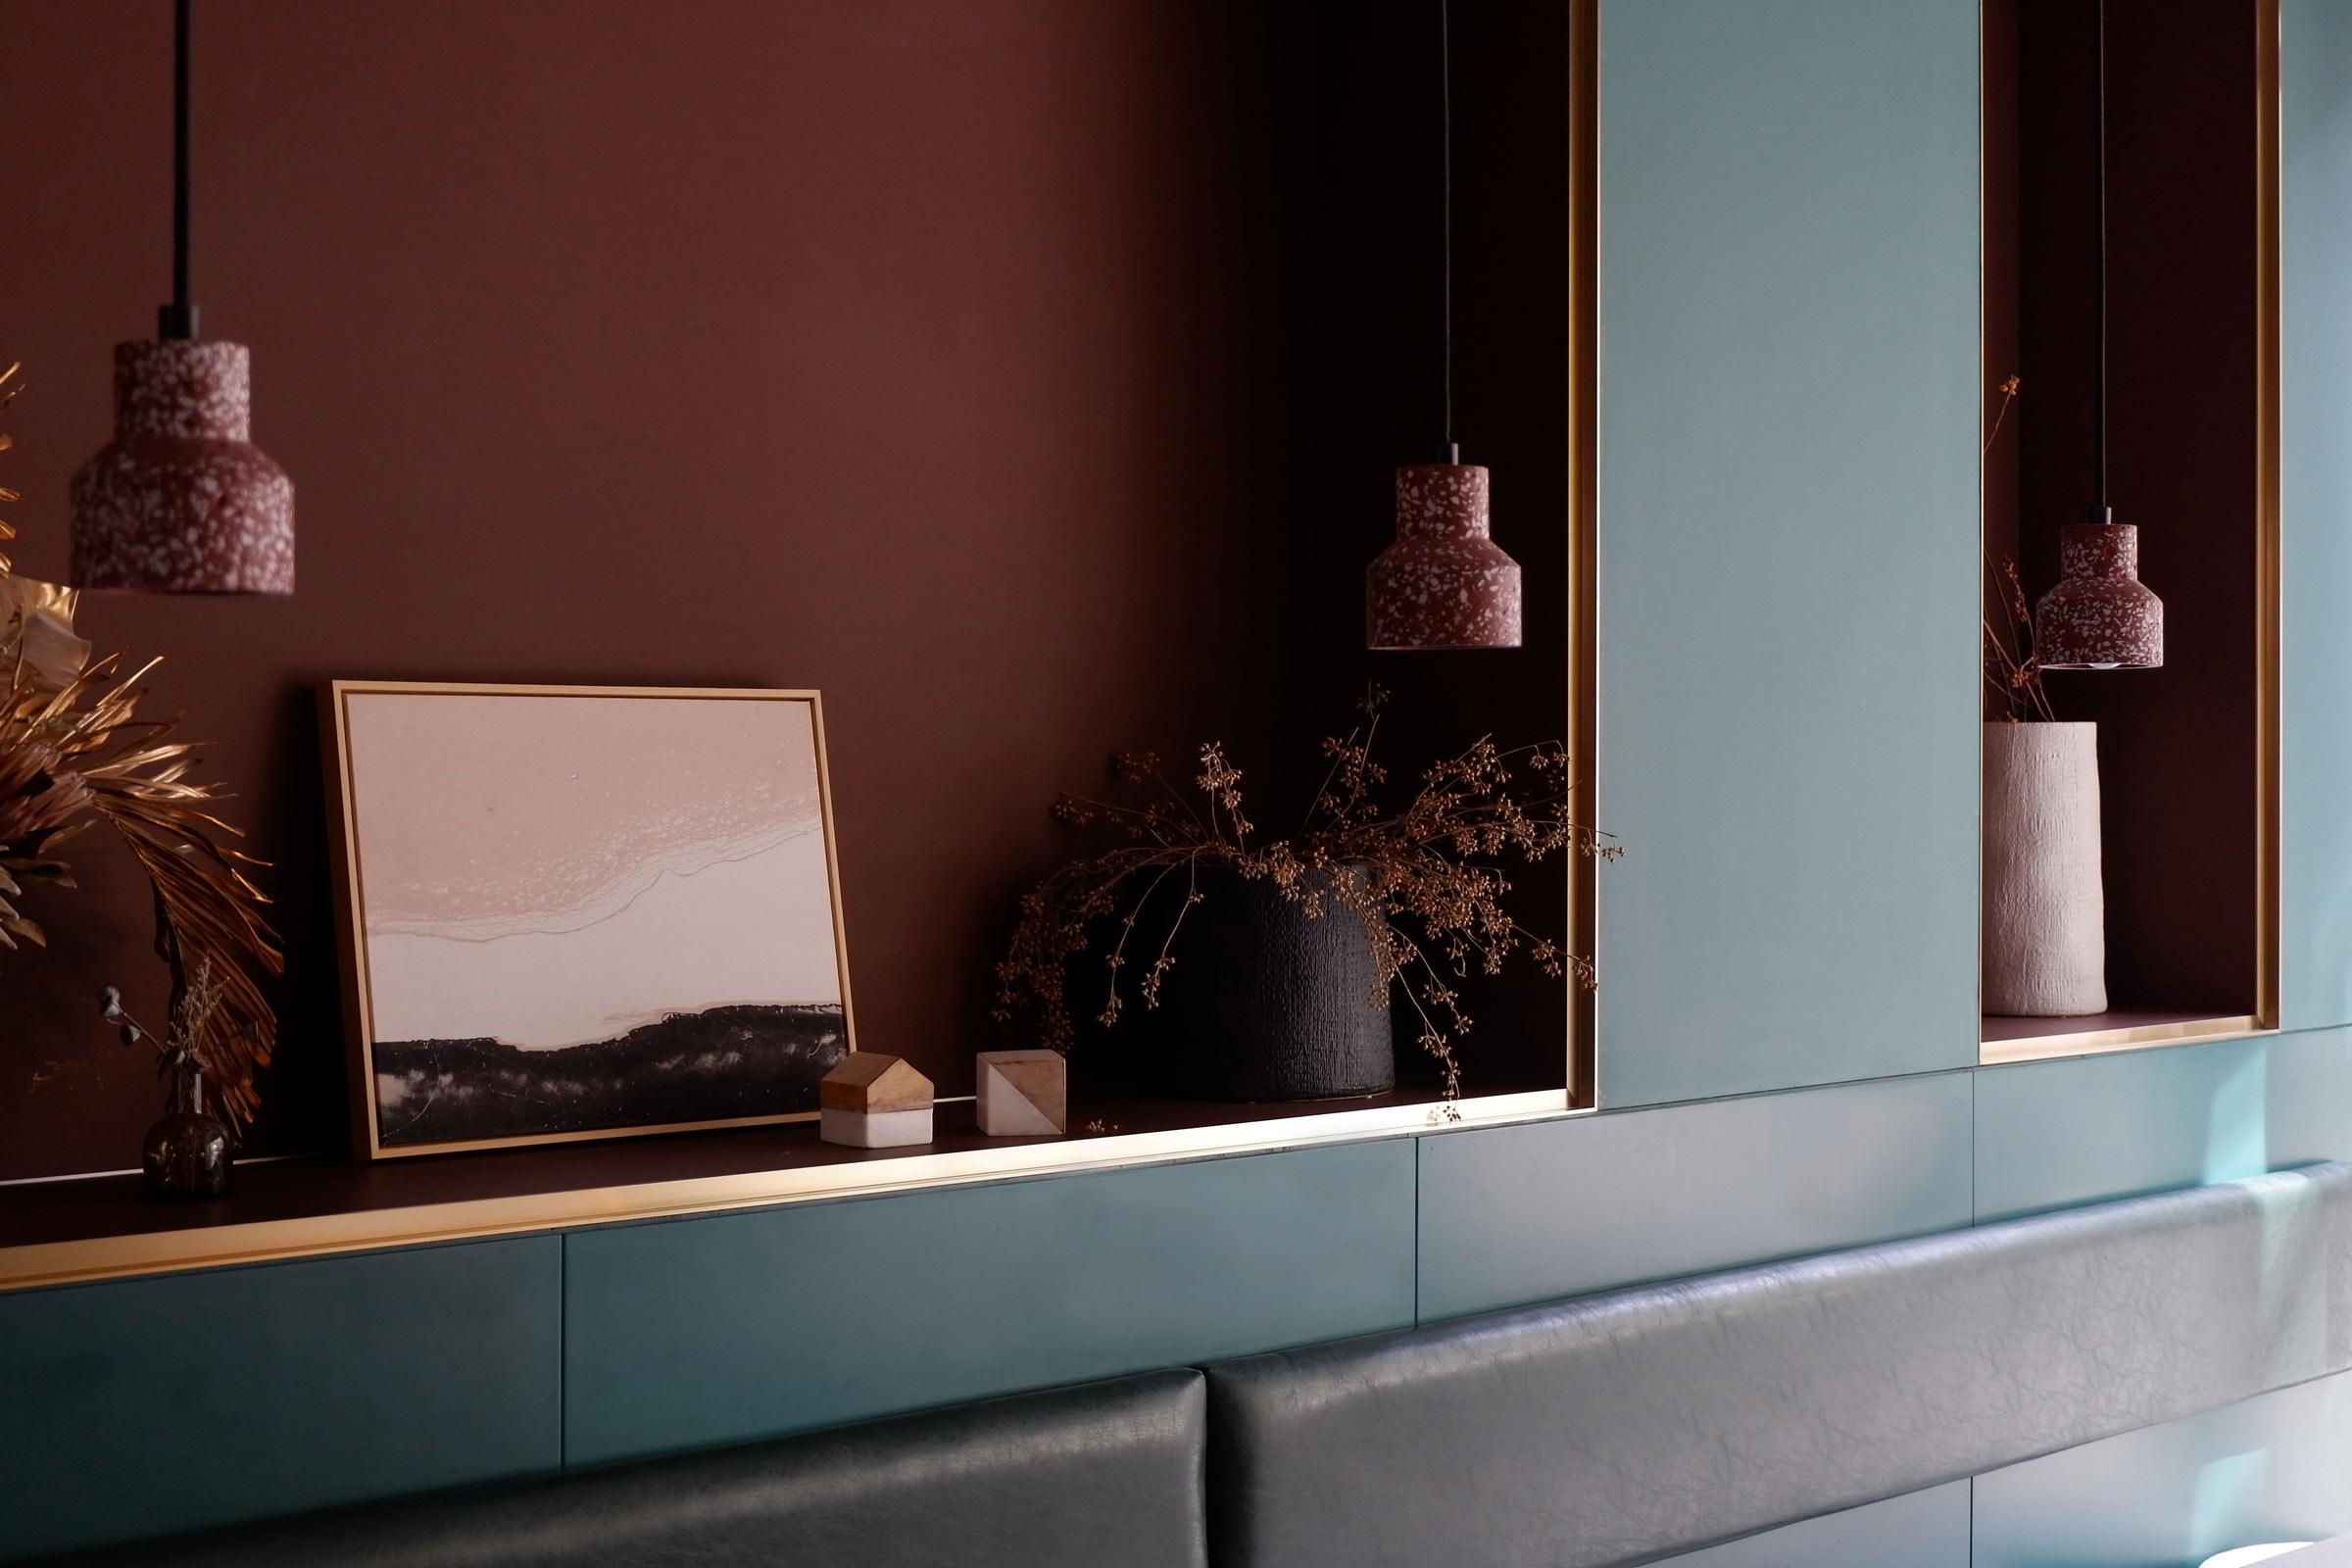 03-窗边的壁龛日景-niche-near-window-during-day-time-1.jpg